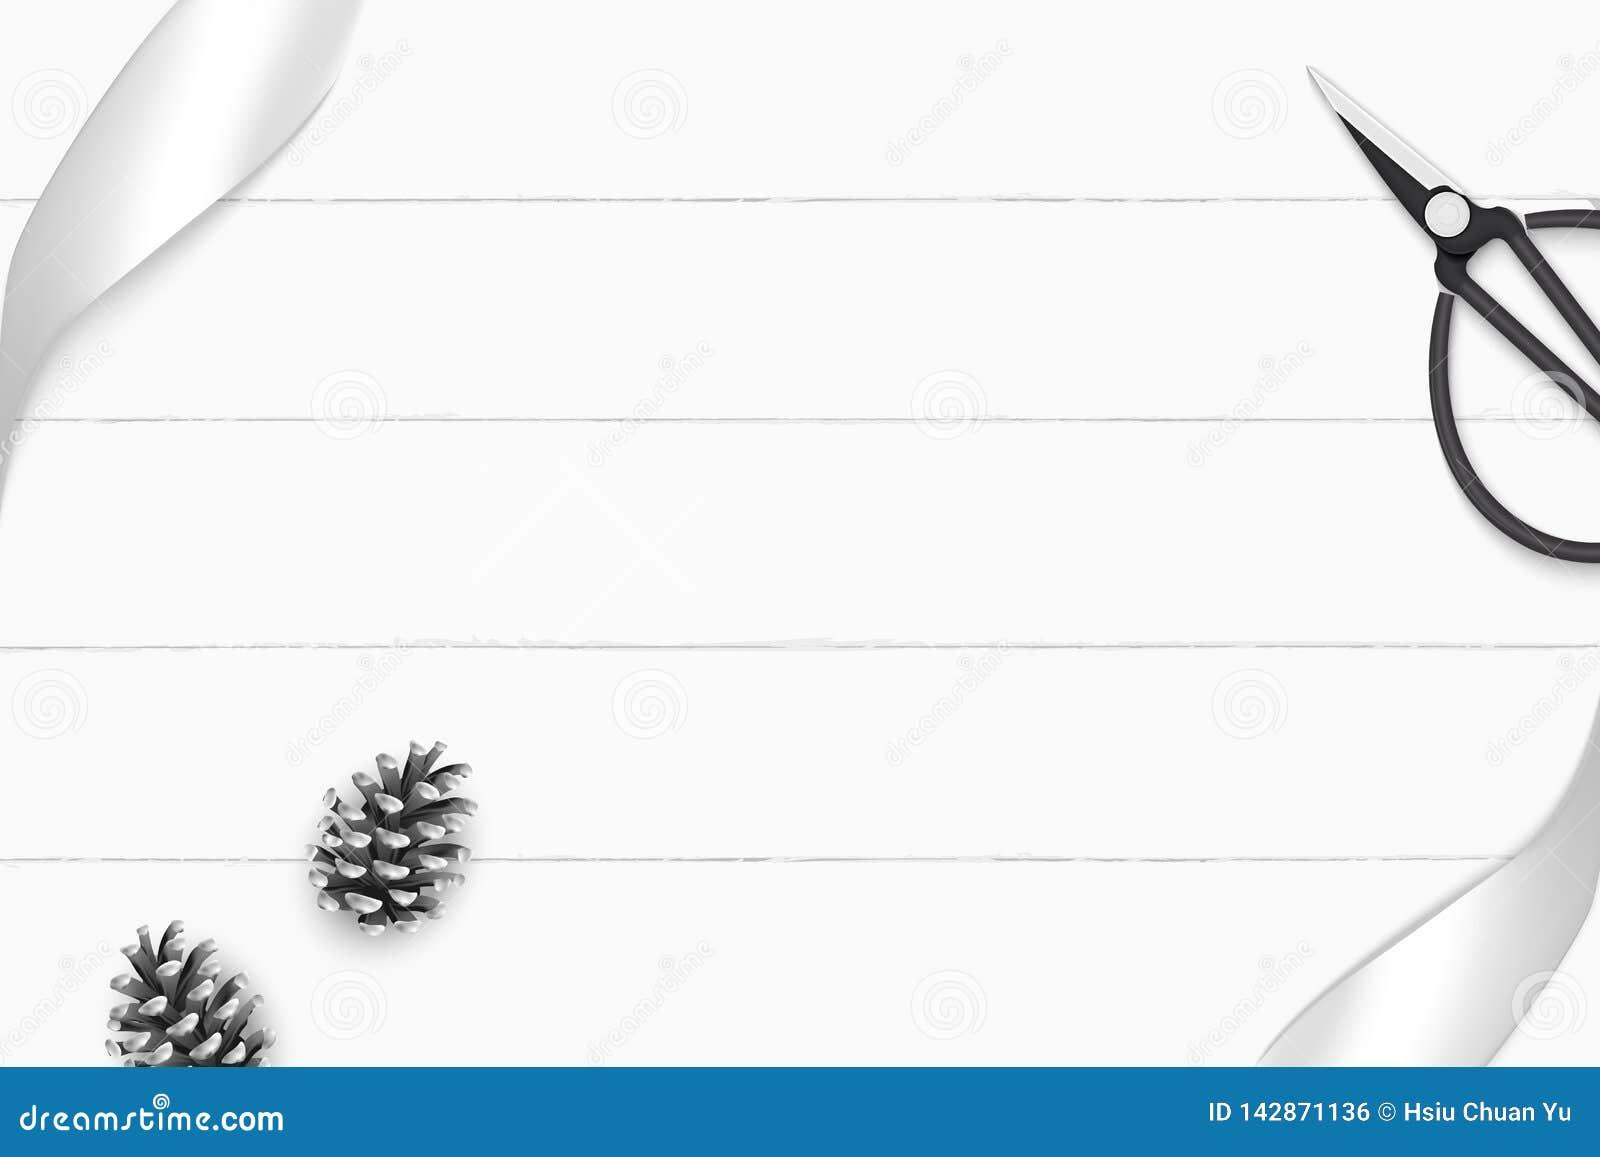 Odgórnego widoku składu eleganckiego białego srebra sosny rocznika i rożka metalu tasiemkowi nożyce na drewnianym podłogowym tle